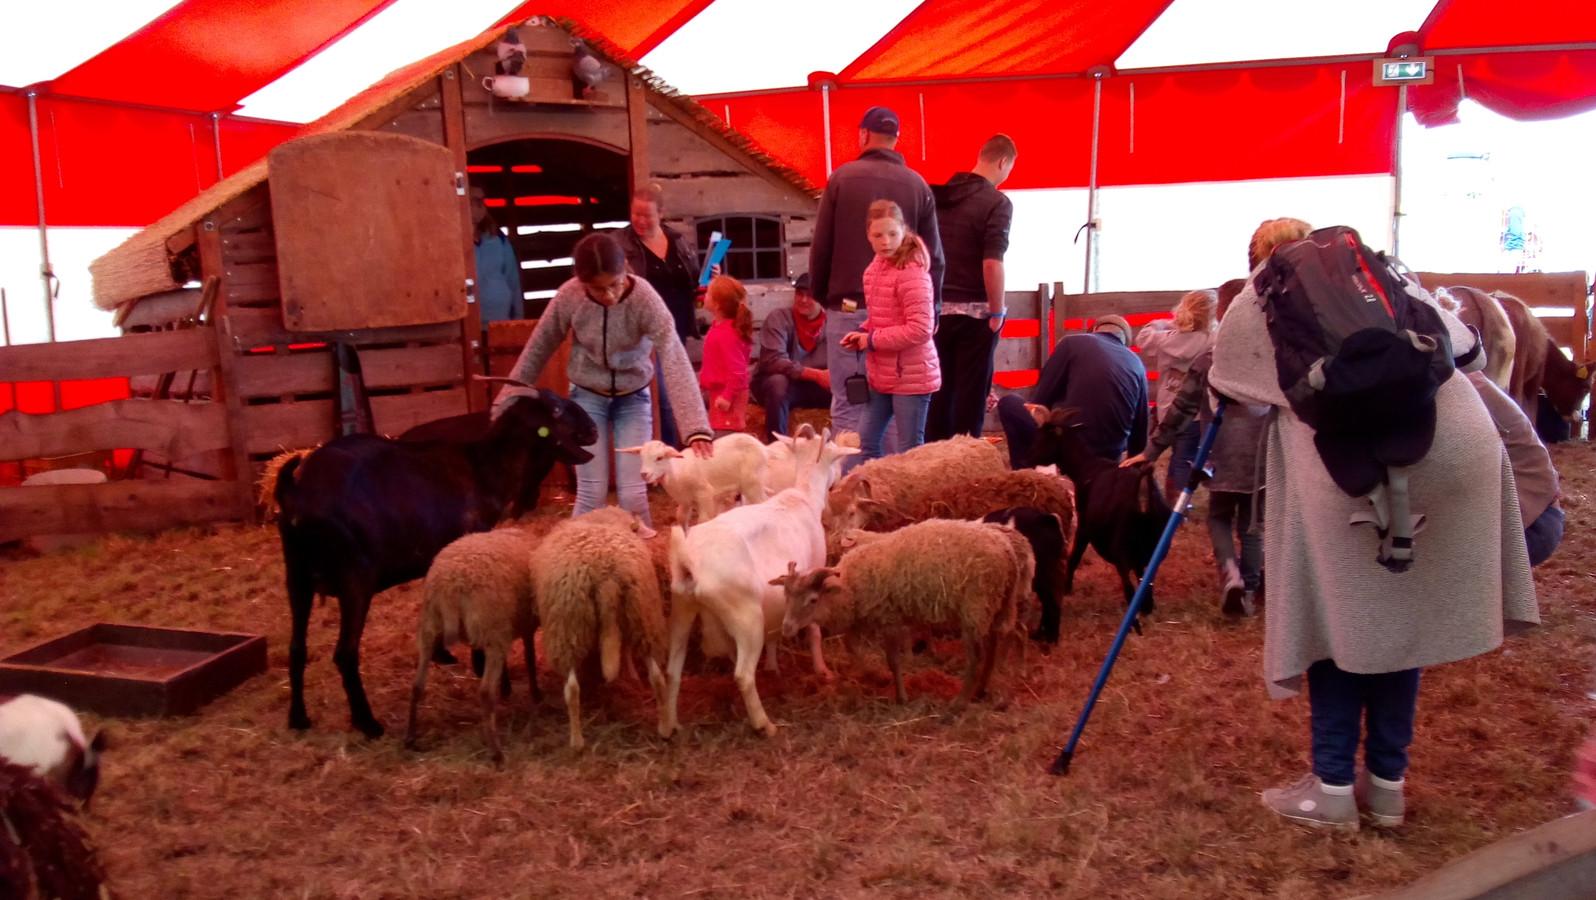 Kinderboerderij tijdens streekdagen in Meeuwen